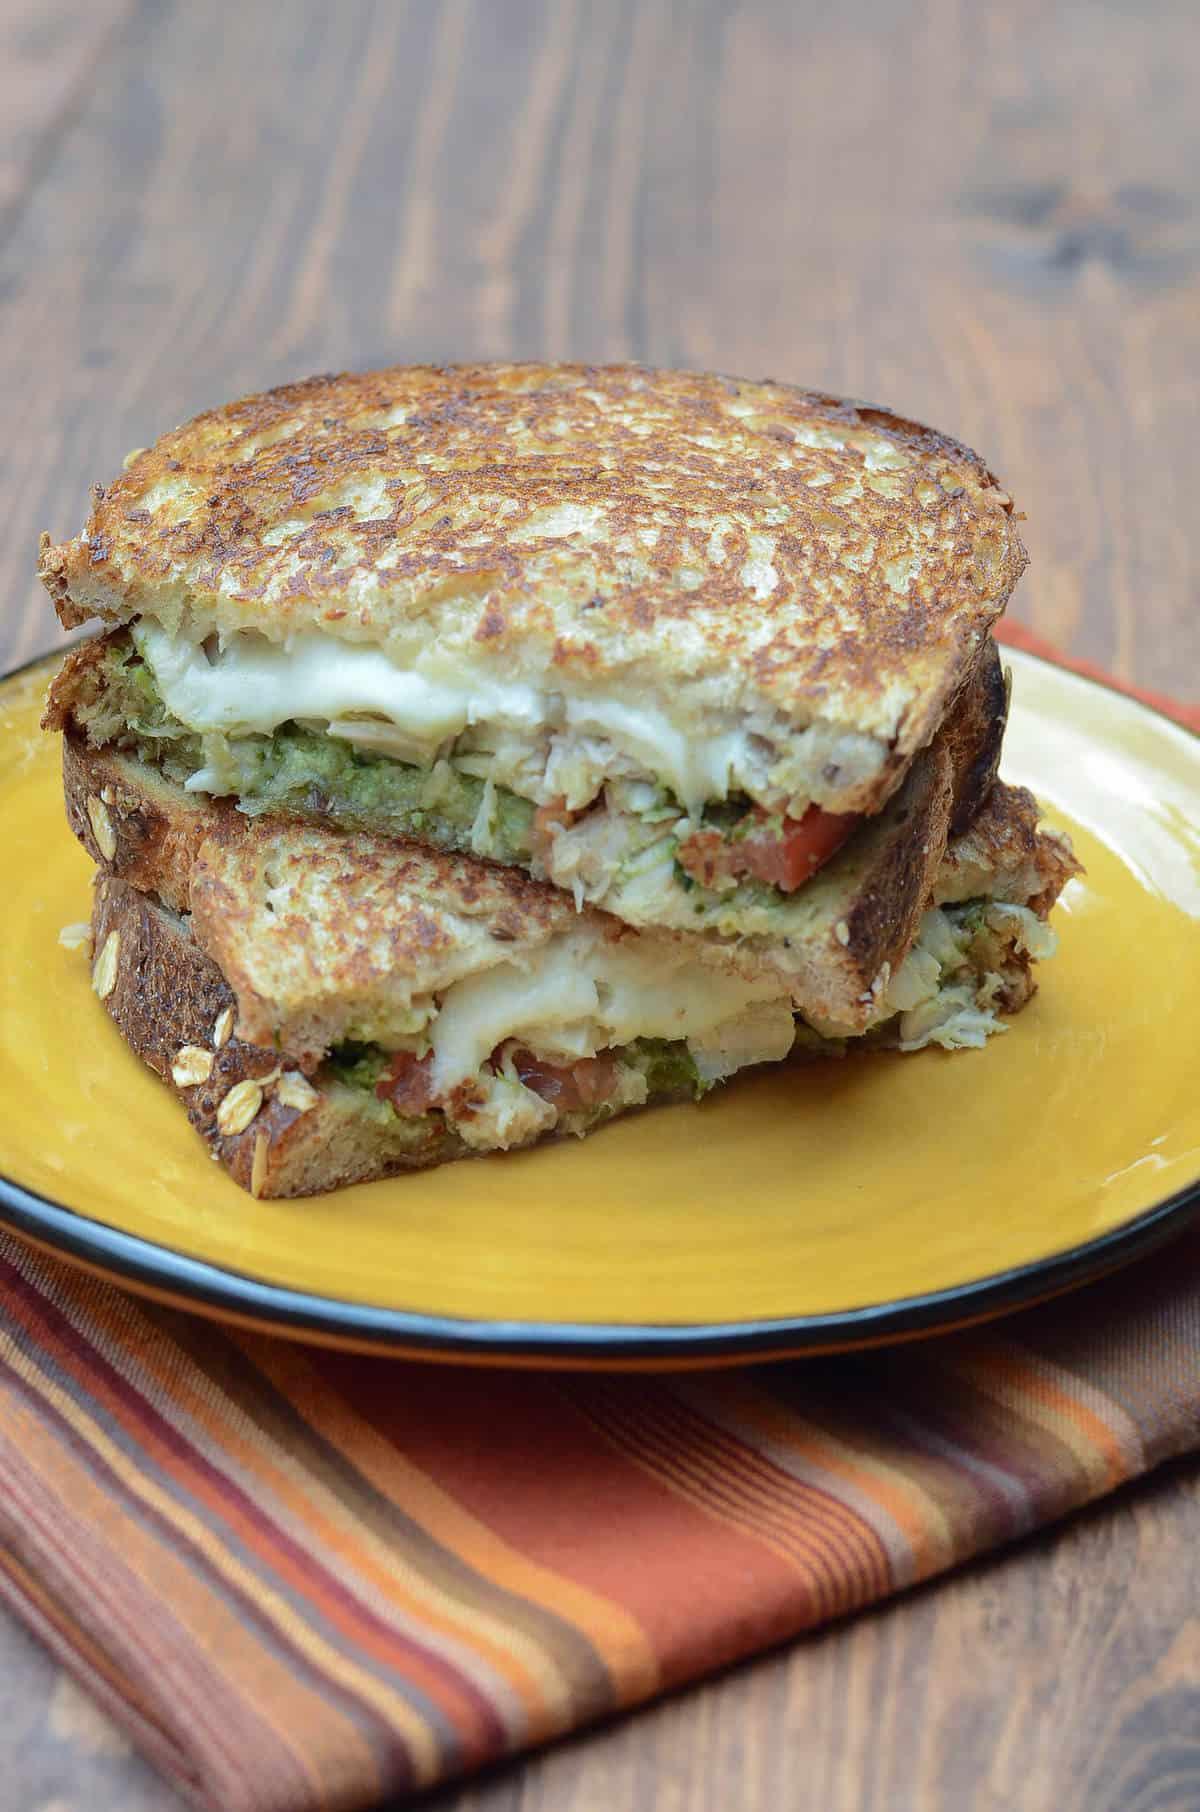 Turkey Pesto Grilled Cheese Sandwiches